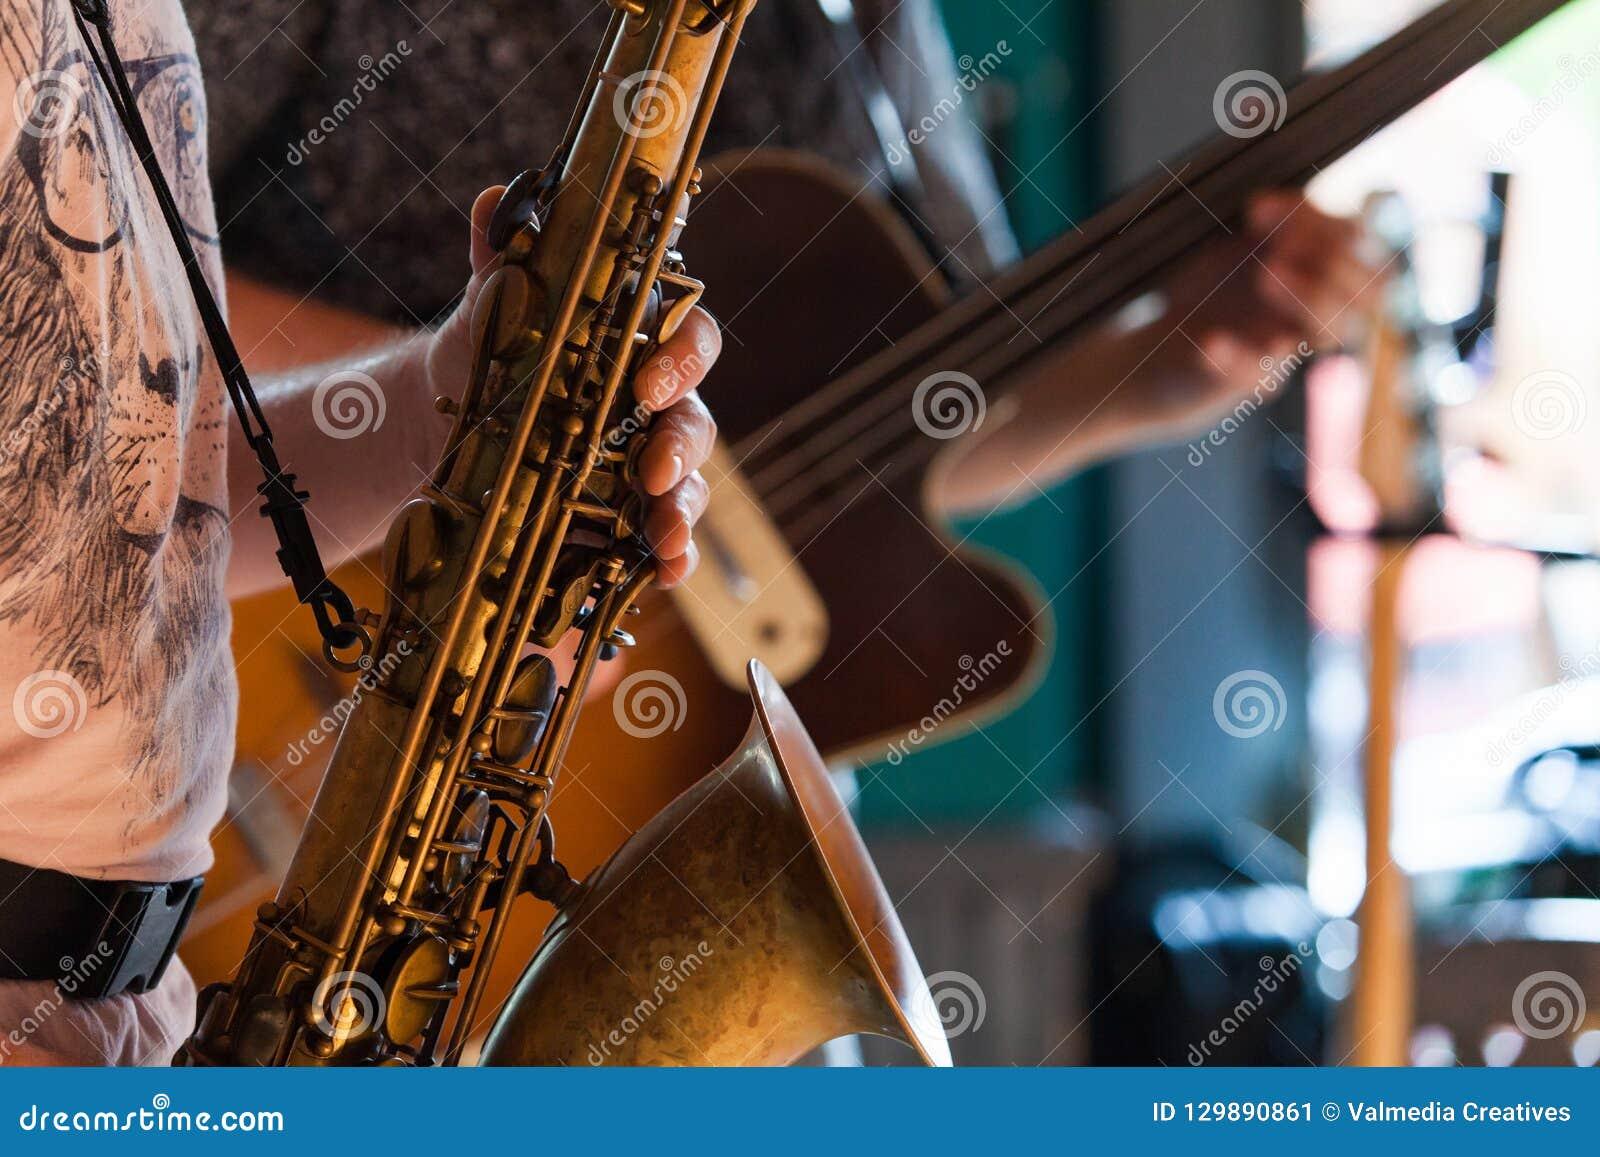 Le joueur de saxophone de tenor joue un solo de jazz dans un bar